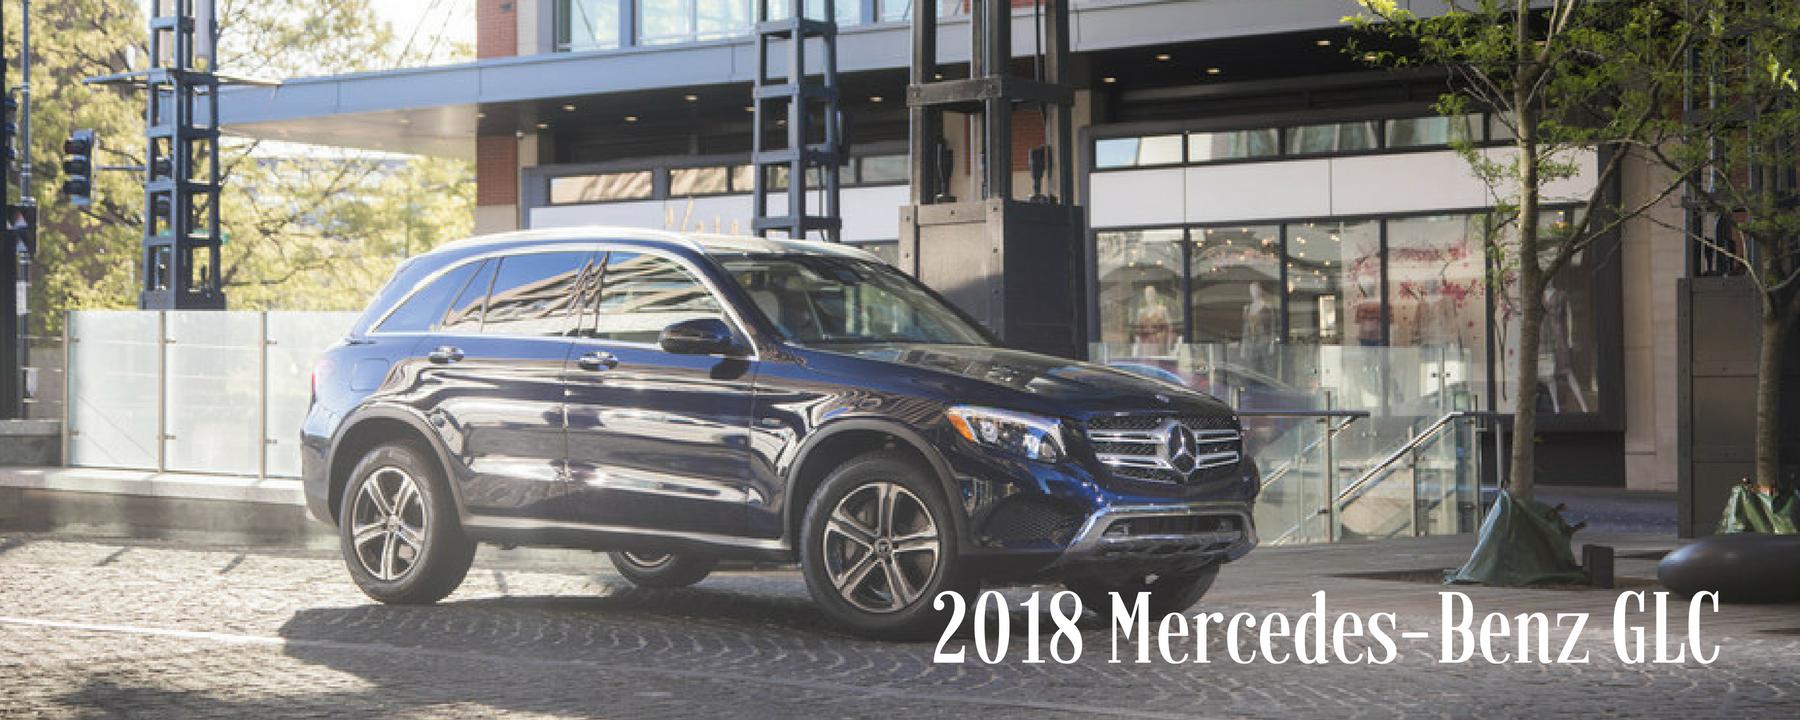 MercedesBenz_GLC_SUV